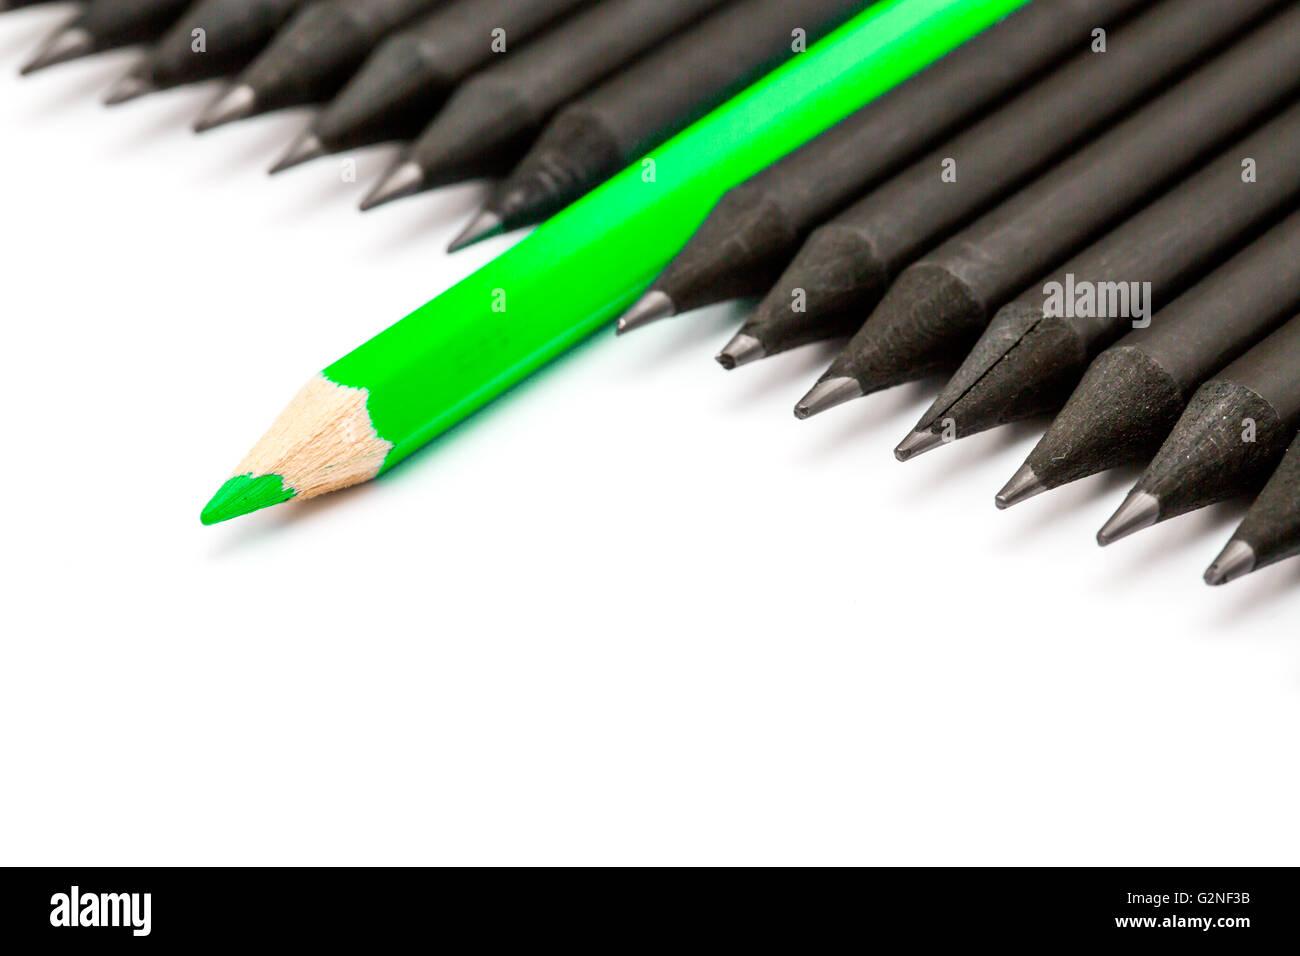 Lápiz verde que sobresalían desde la fila de lápices de color negro. Imagen De Stock